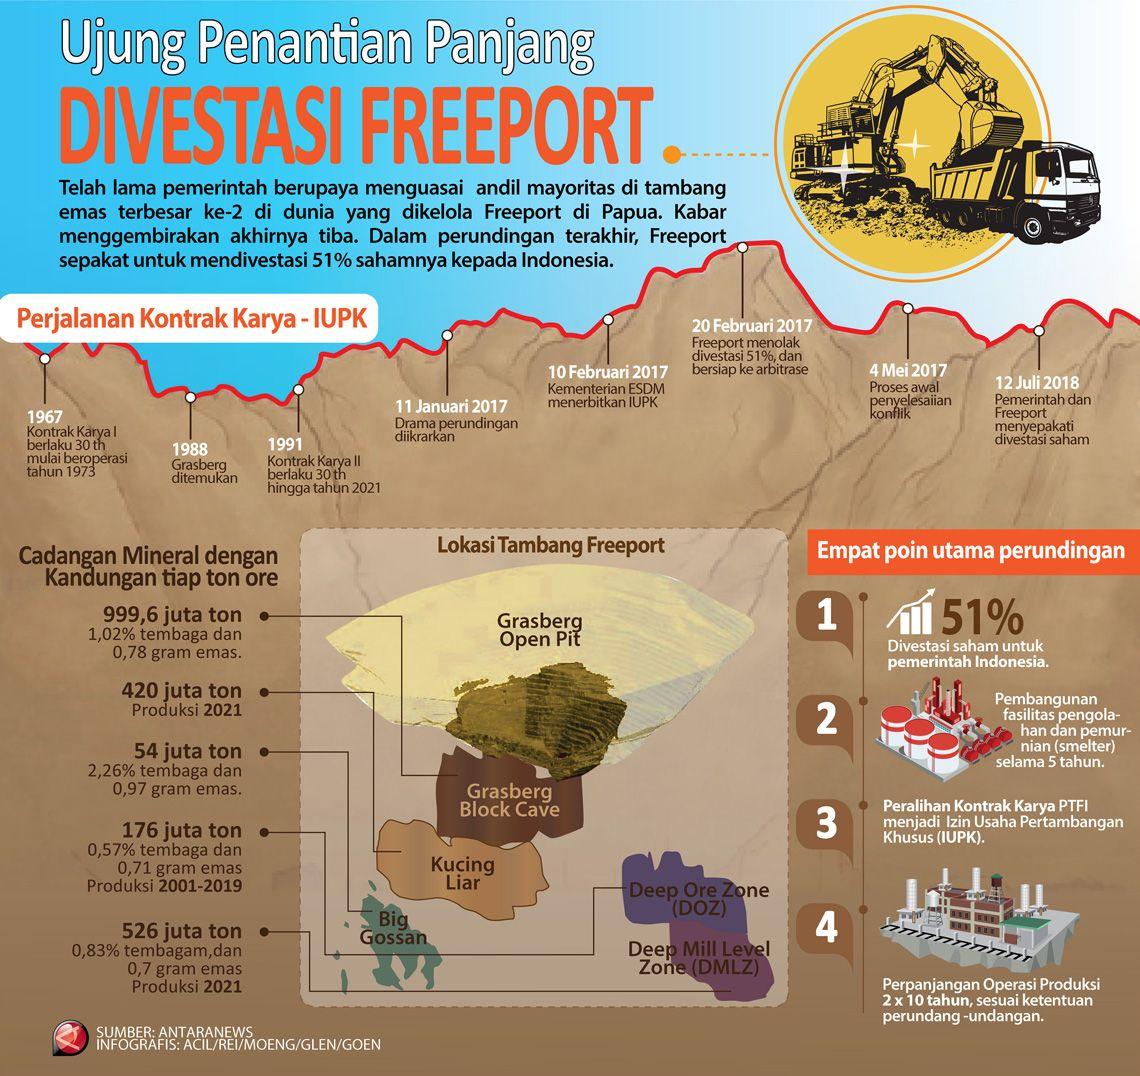 Ujung Penantian Panjang Divestasi Freeport